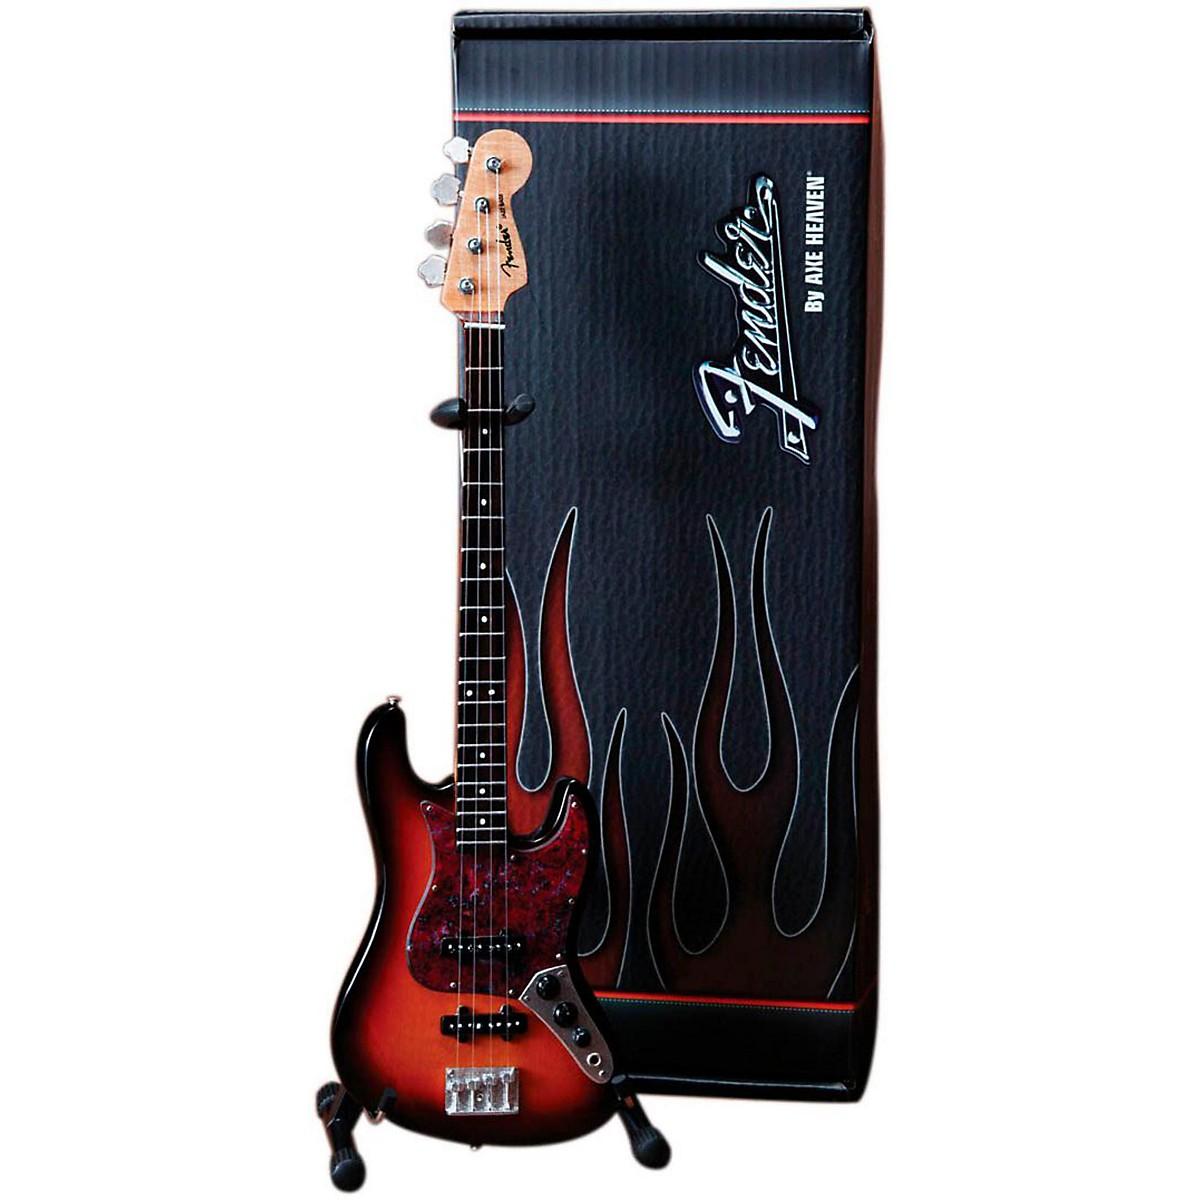 Axe Heaven Fender Jazz Bass Sunburst Miniature Guitar Replica Collectible